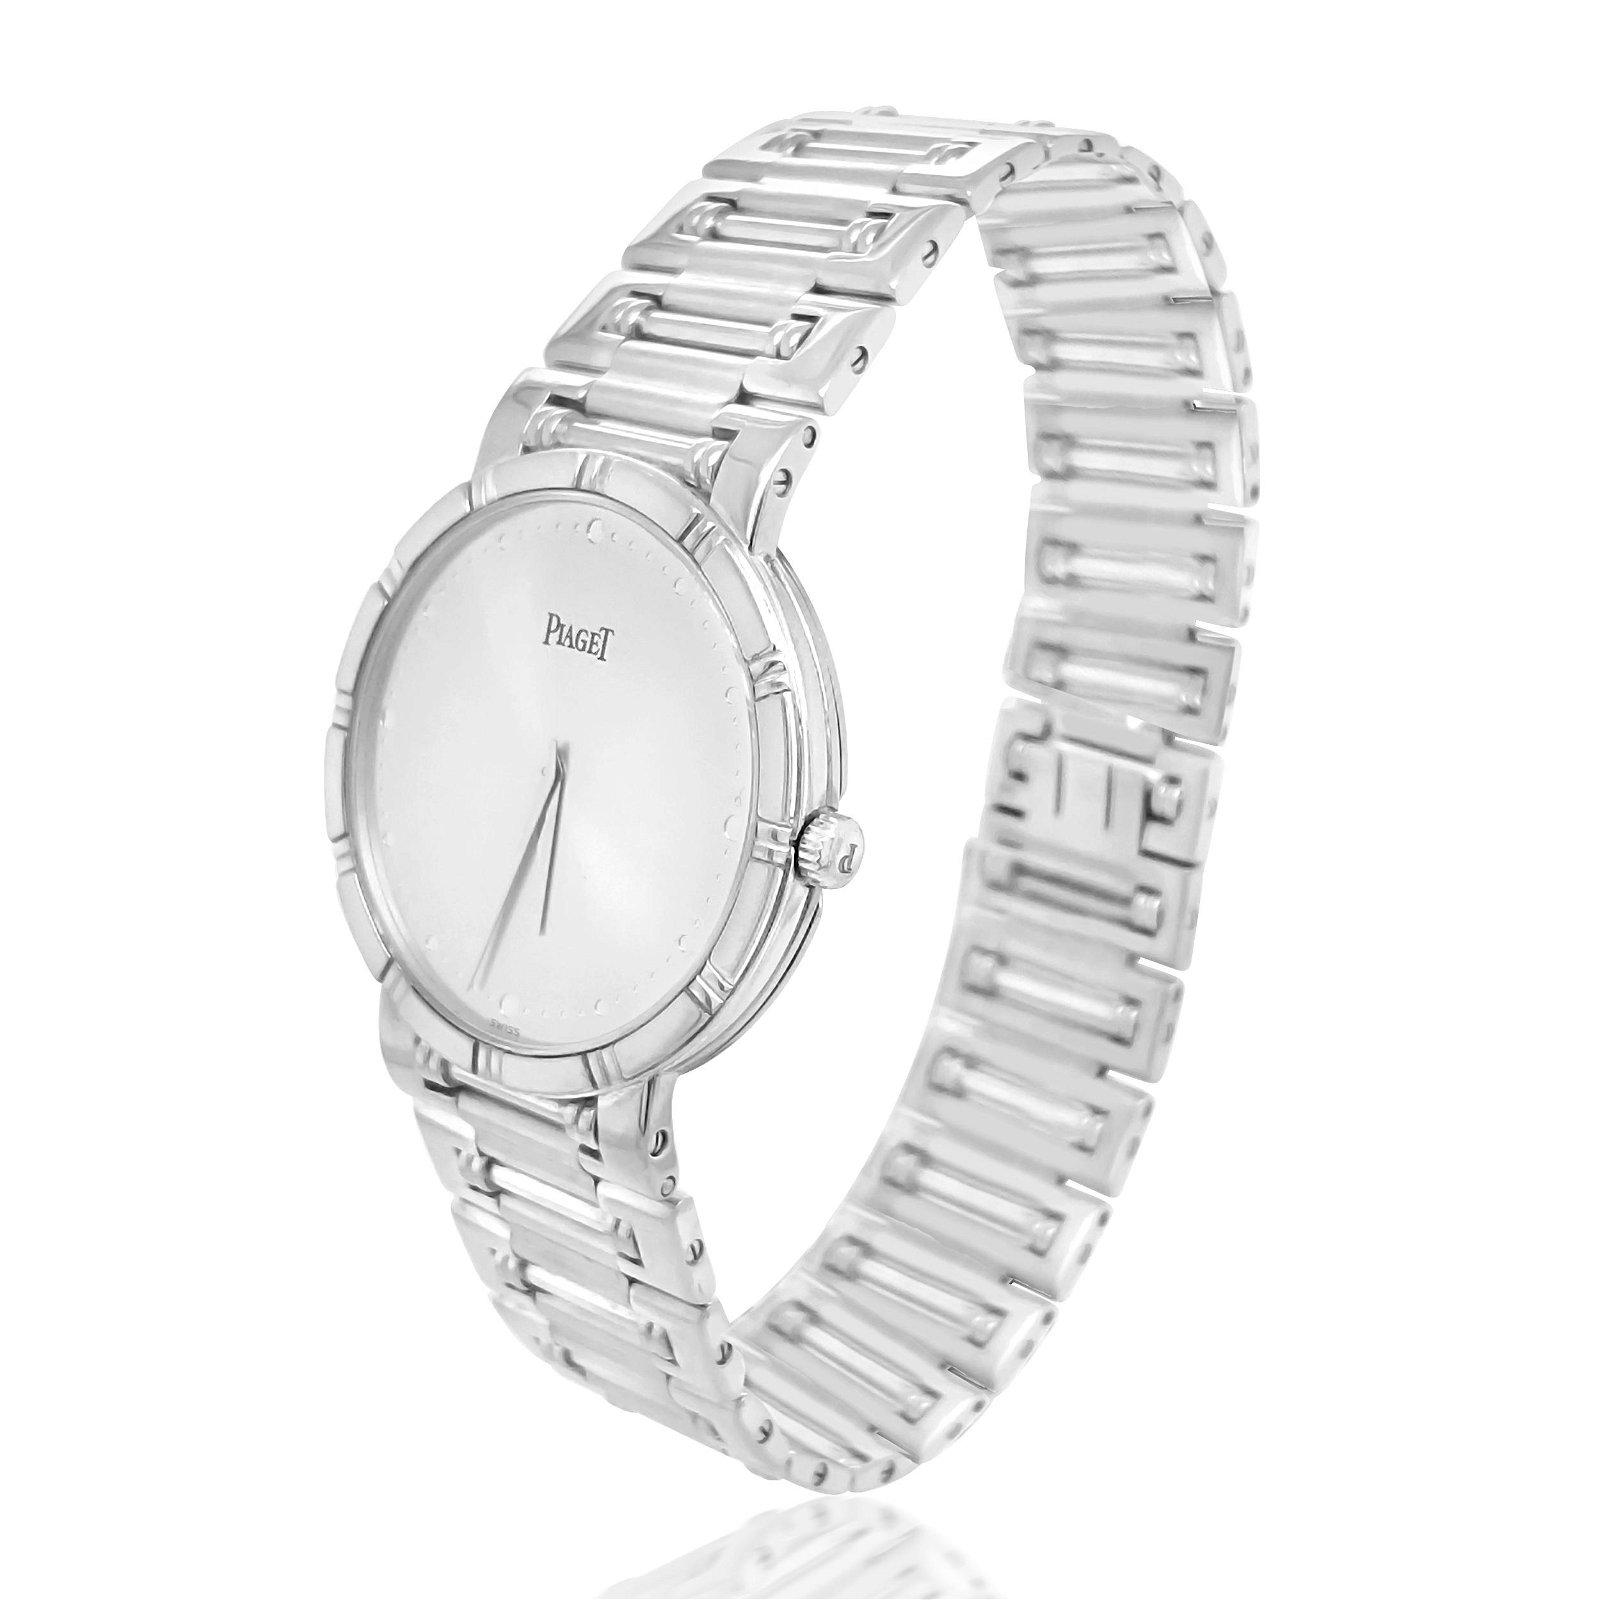 Piaget, 18K White Gold Watch